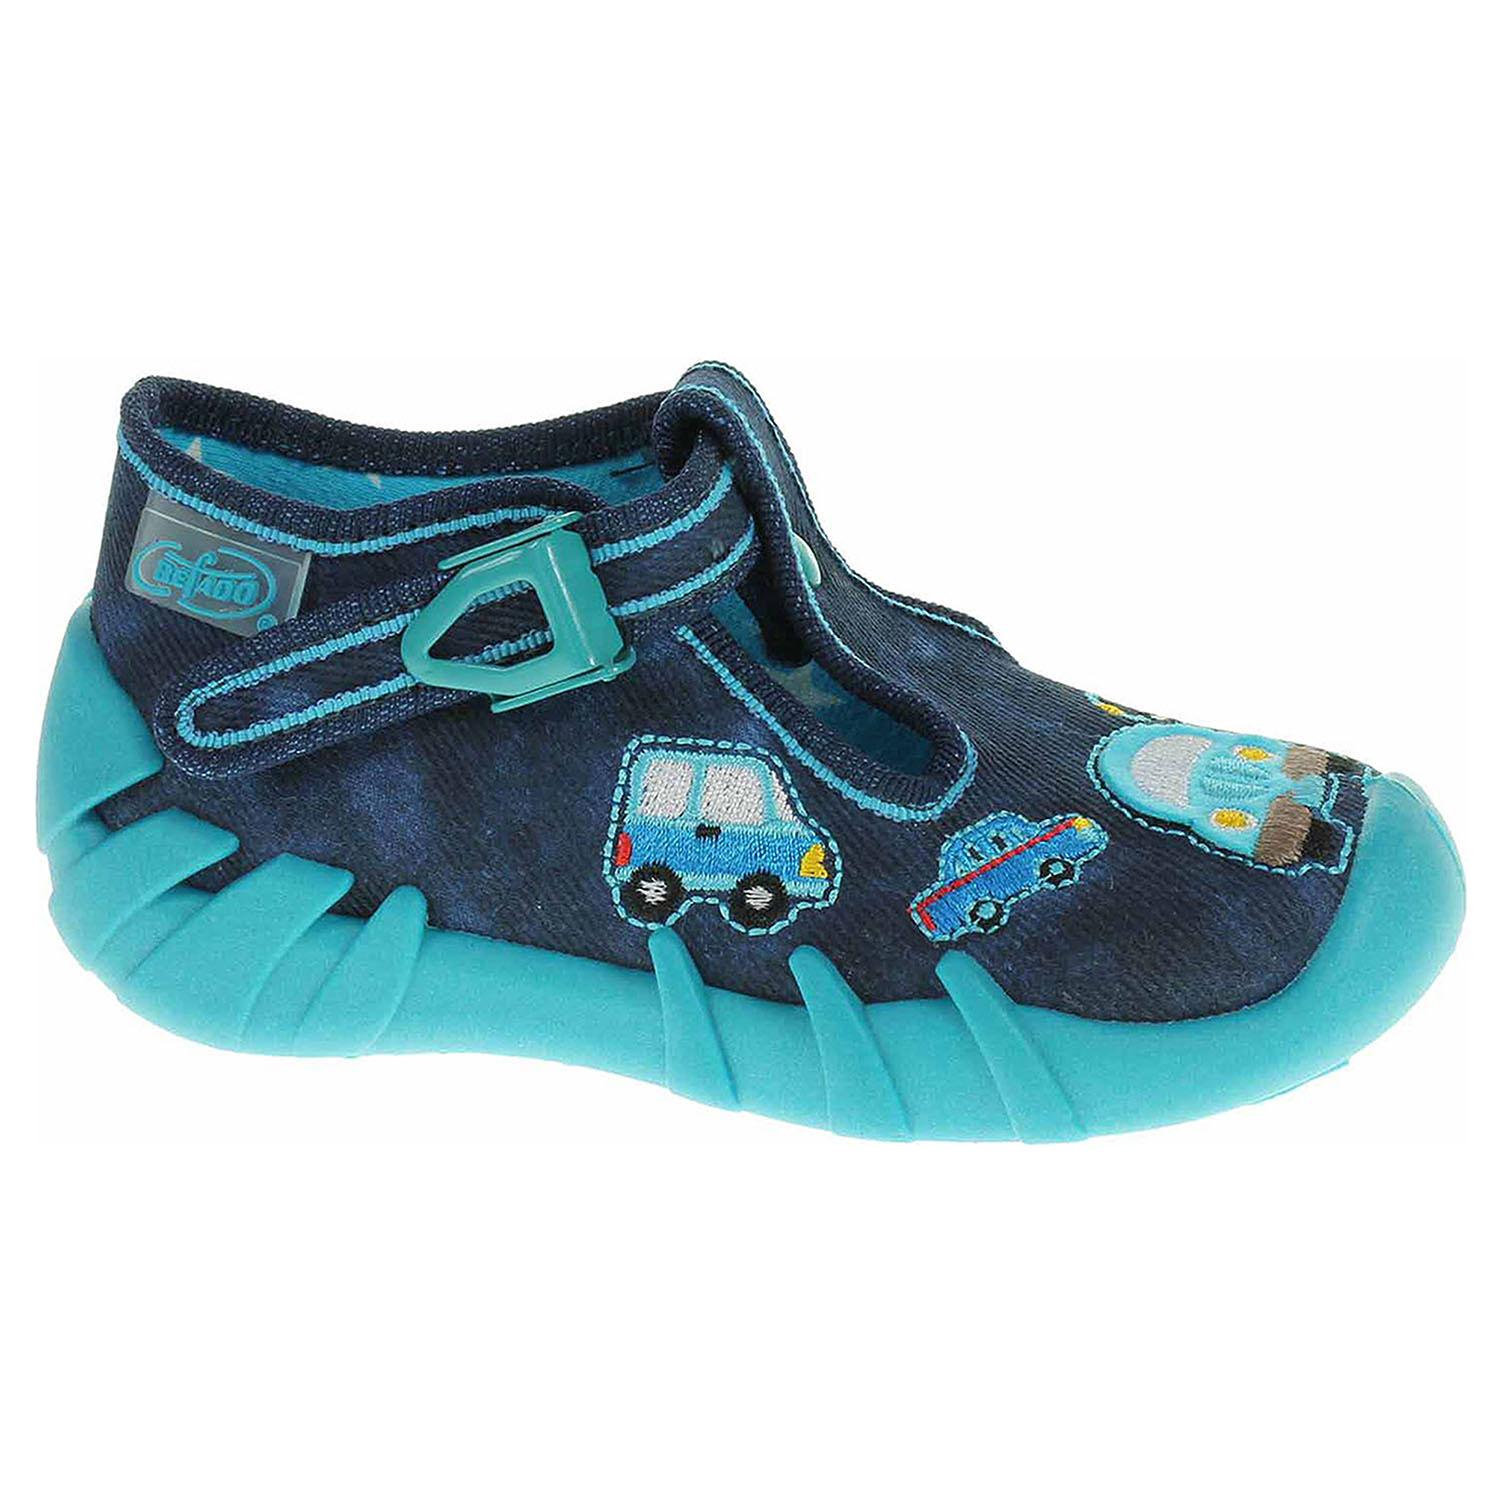 110P342 modrá chlapecké kotníkové bačkory, přezka Befado